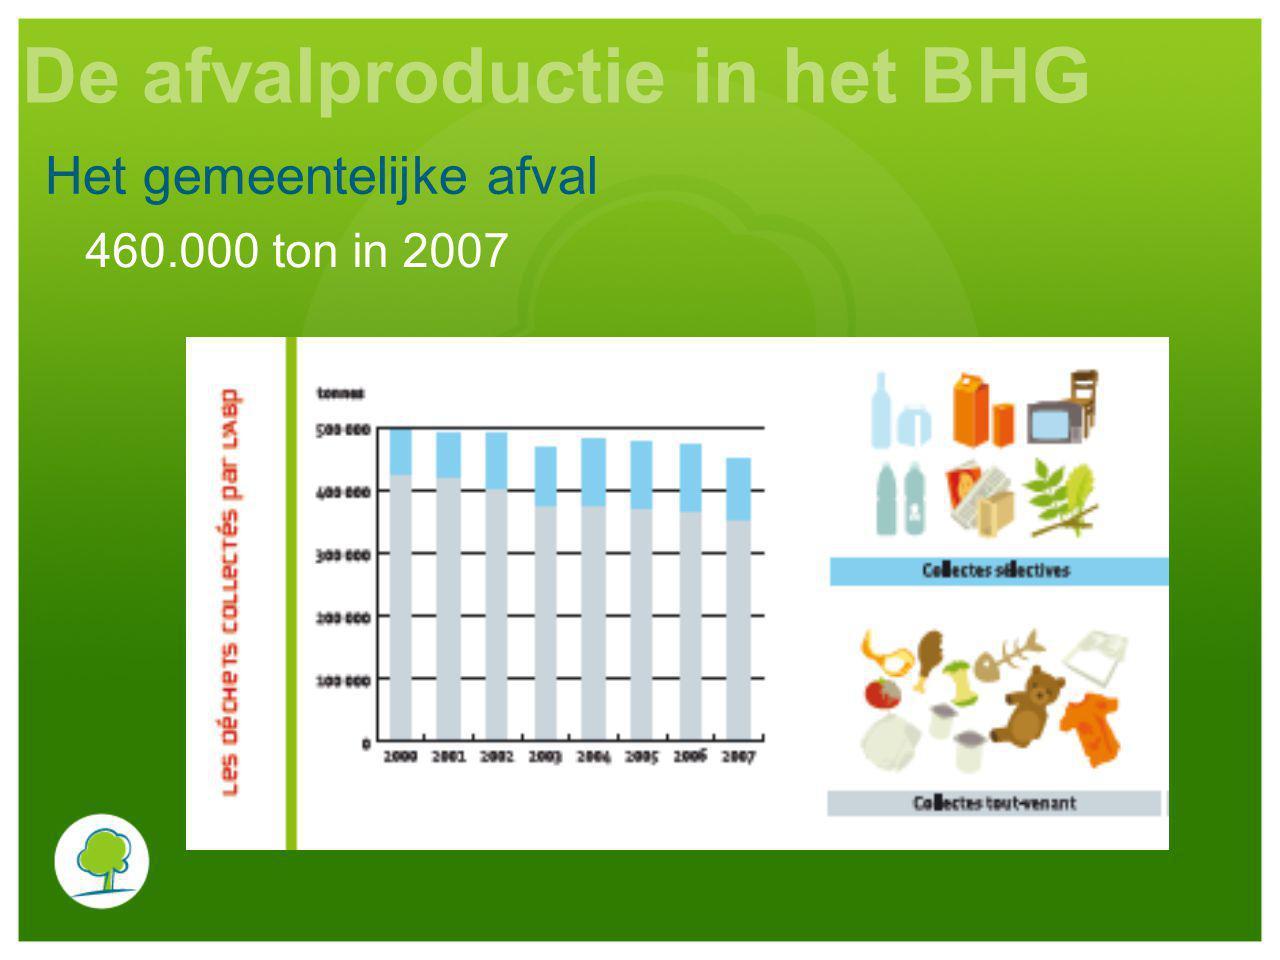 De afvalproductie in het BHG